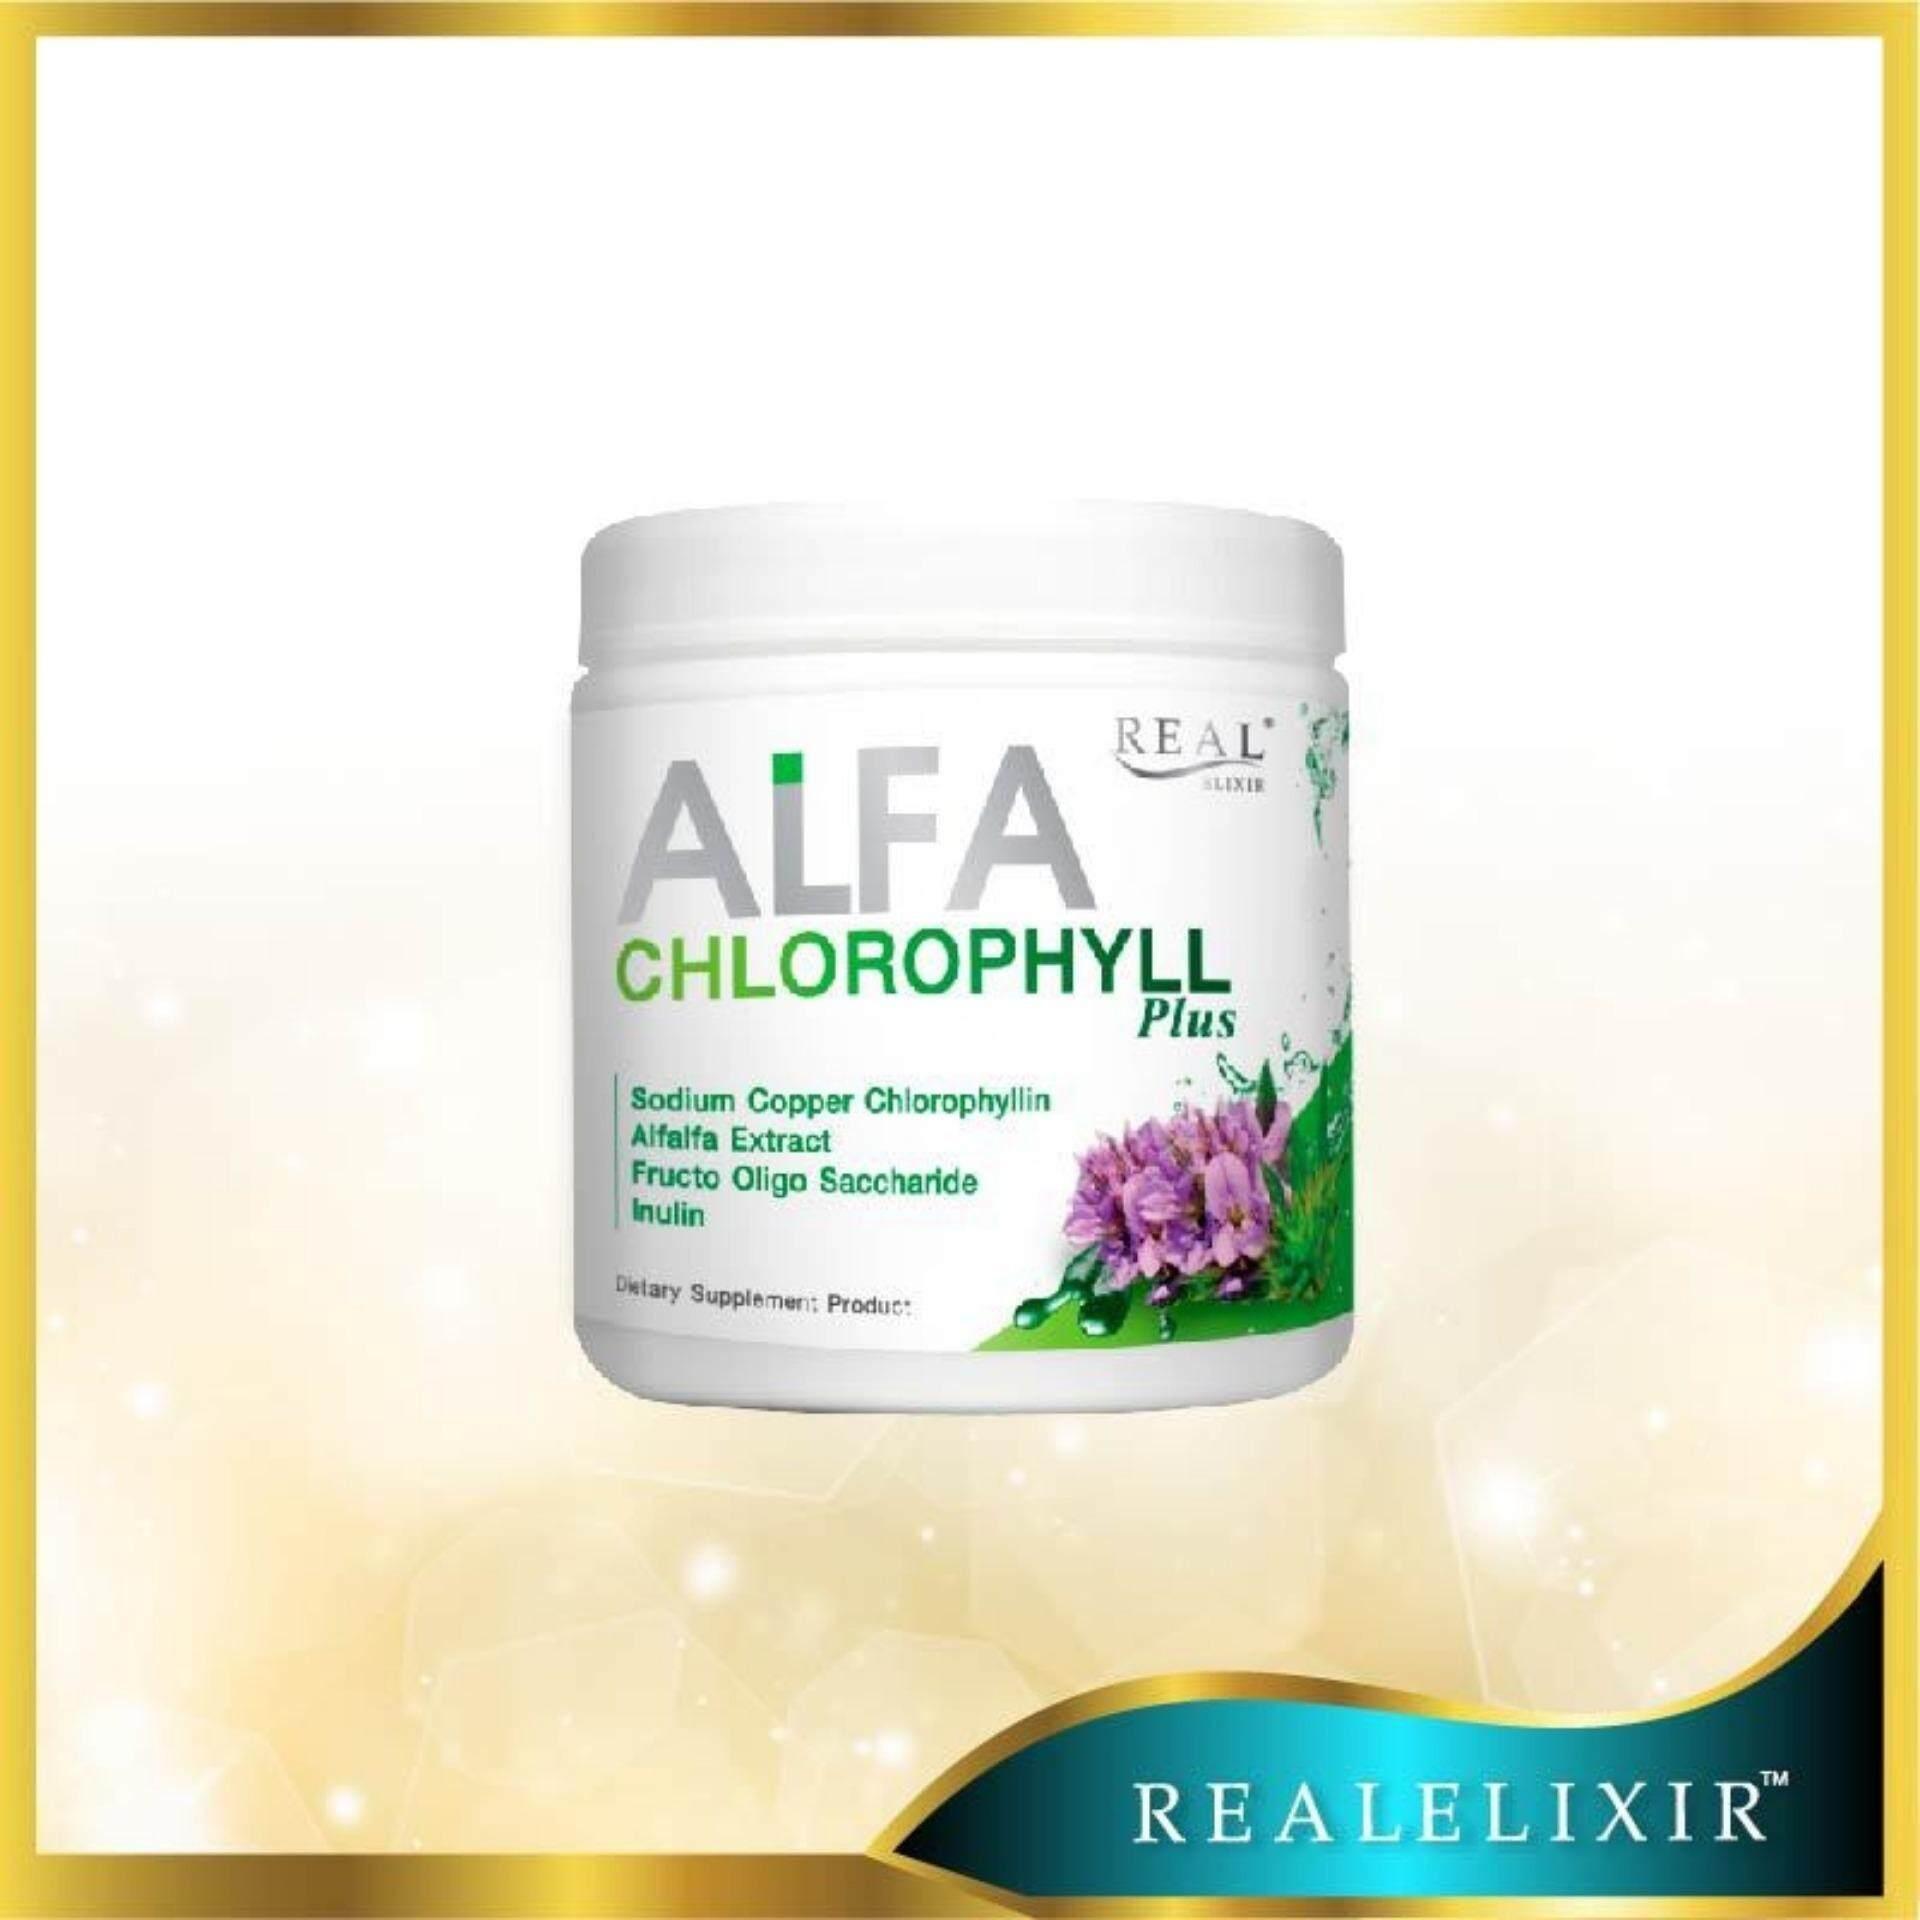 Real Elixir Alfa Chlorophyll Plus ( คลอโรฟิลล์ ) - ล้างสารพิษ ดีท๊อกซ์จากภายใน ผิวสดใสด้วยอัลฟัลฟ่า By Realelixir_thailand_official.